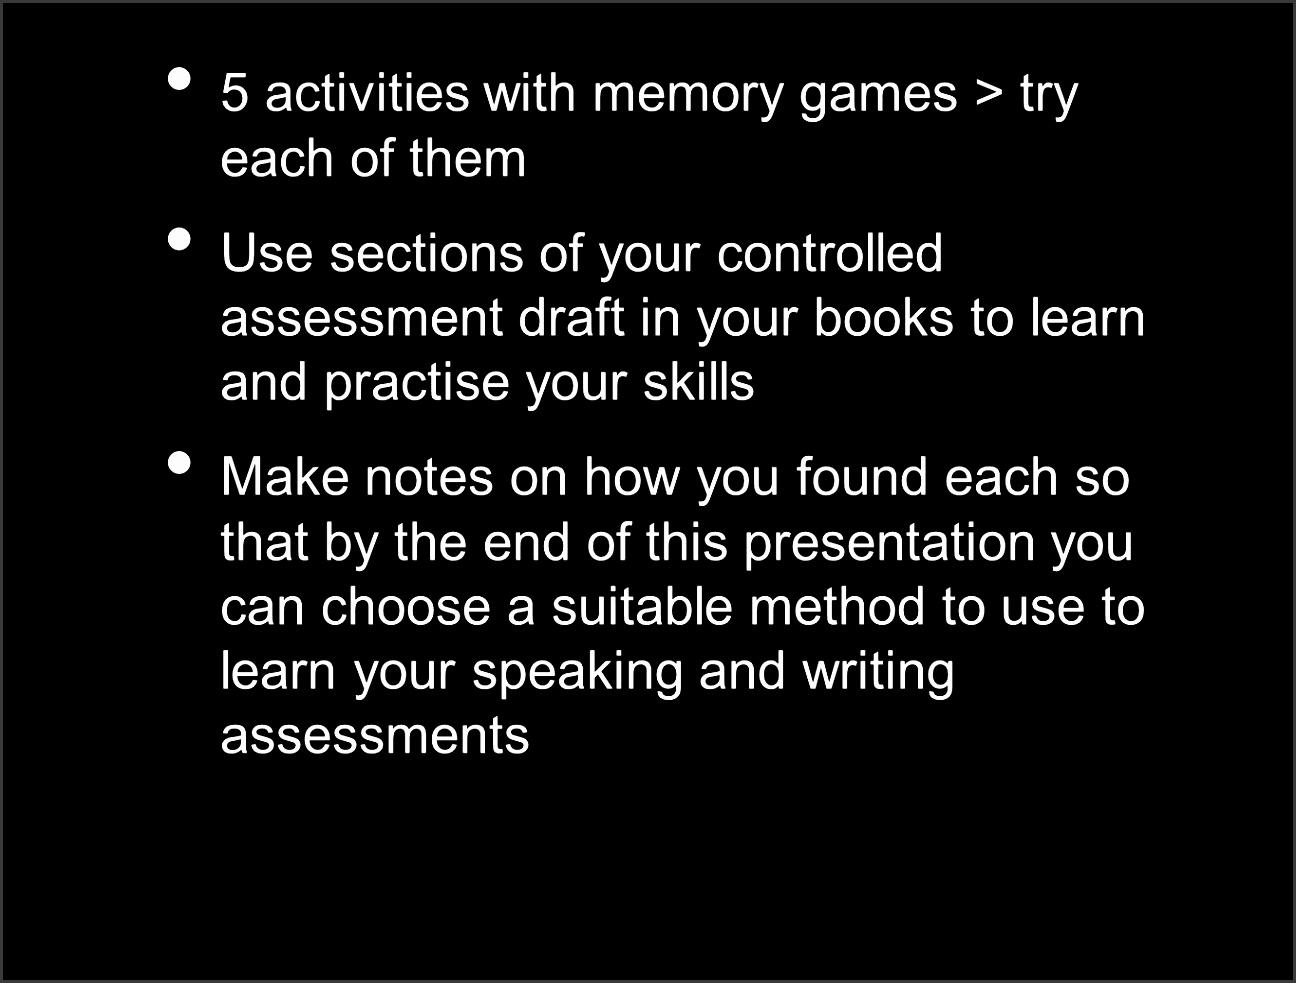 3 5 activities